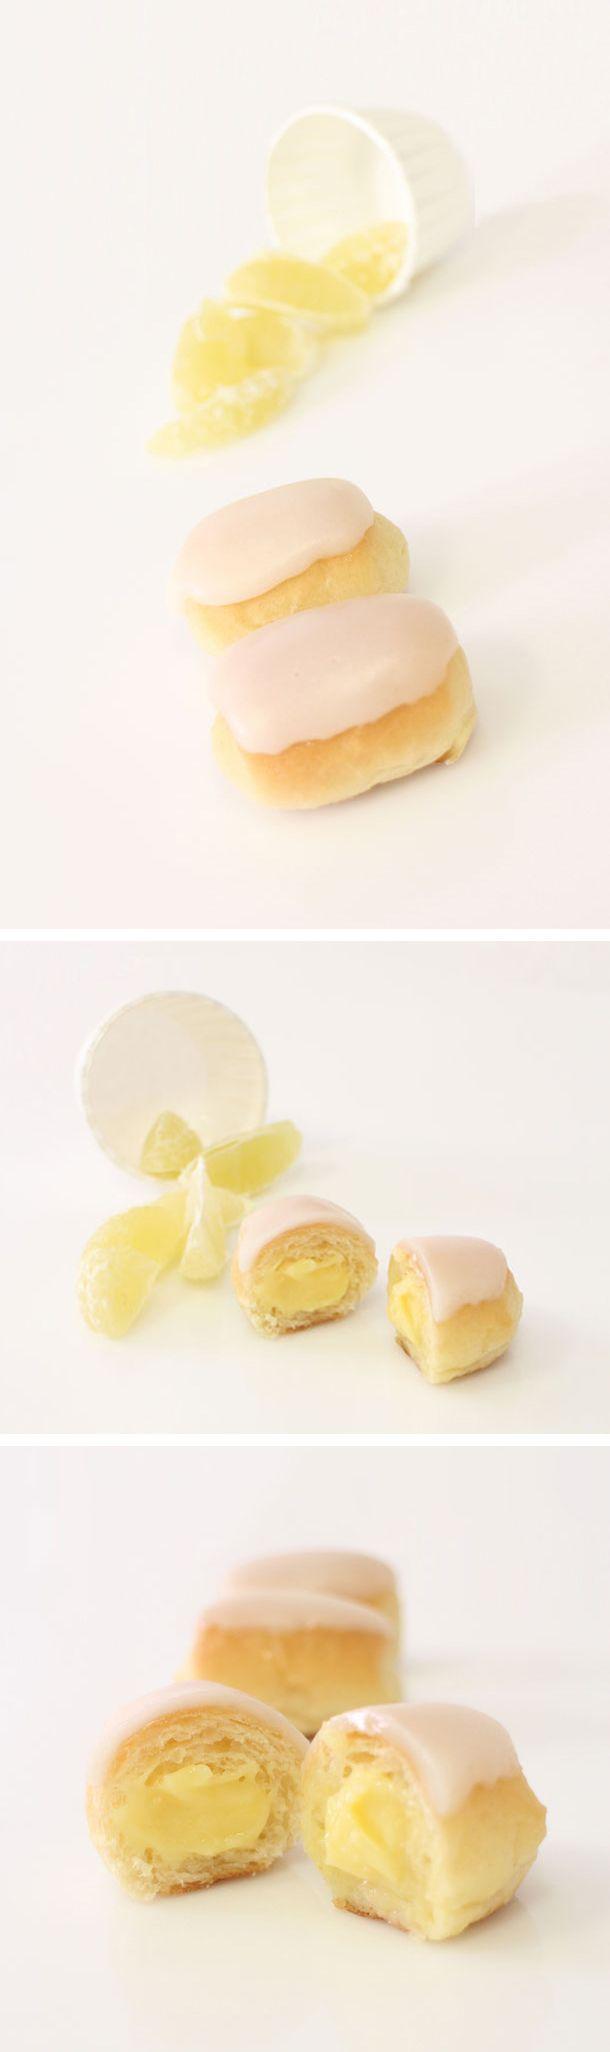 fartons con crema de limonada / http://dosyemas.com/